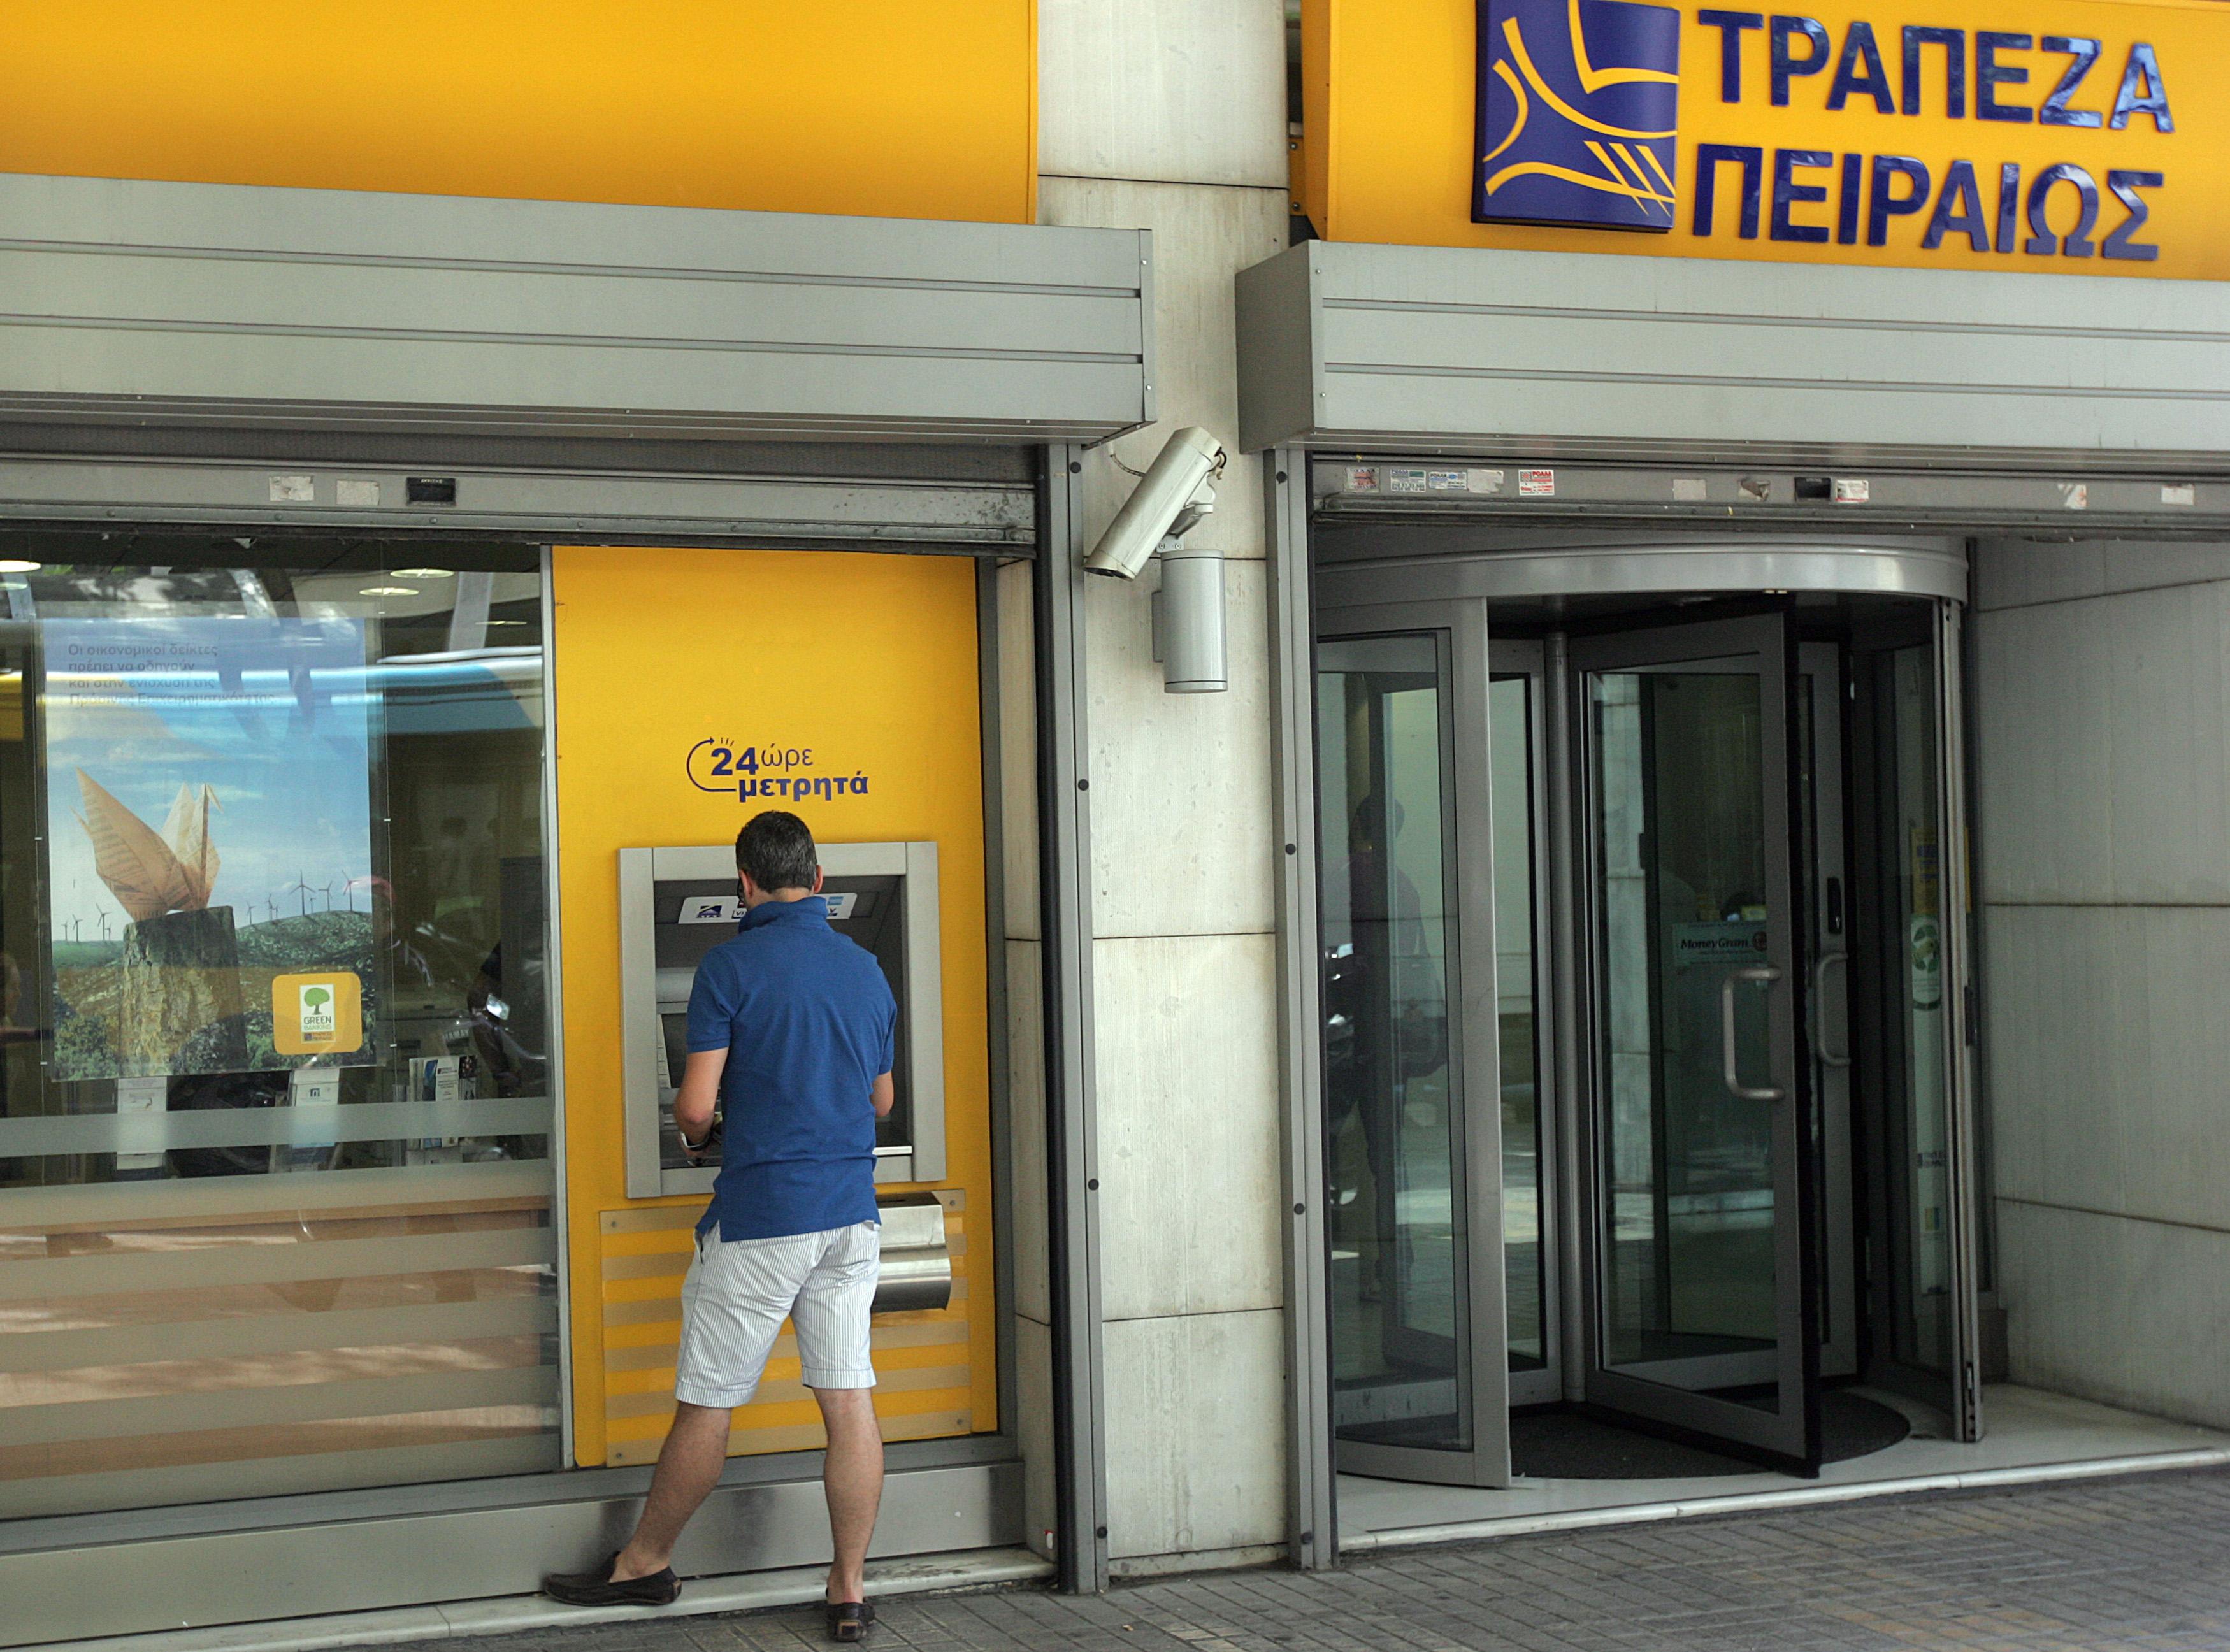 Τράπεζα Πειραιώς: «Πράσινο φως» για την αύξηση του μετοχικού κεφαλαίου | tovima.gr